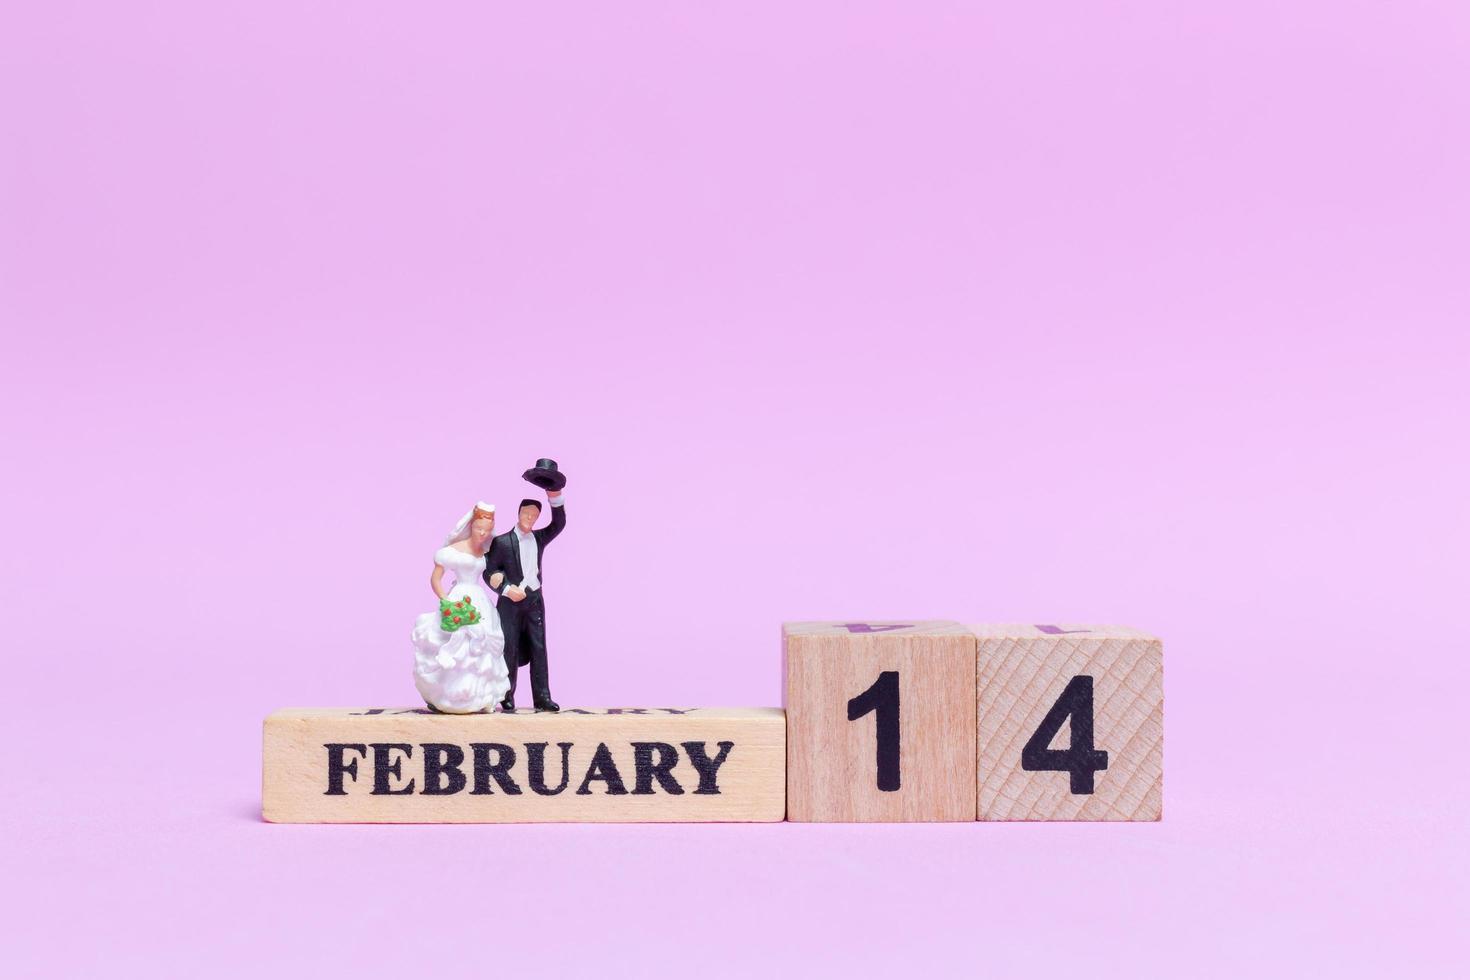 miniatyrbrud och brudgum på rosa bakgrund, alla hjärtans dag och bröllopskoncept foto